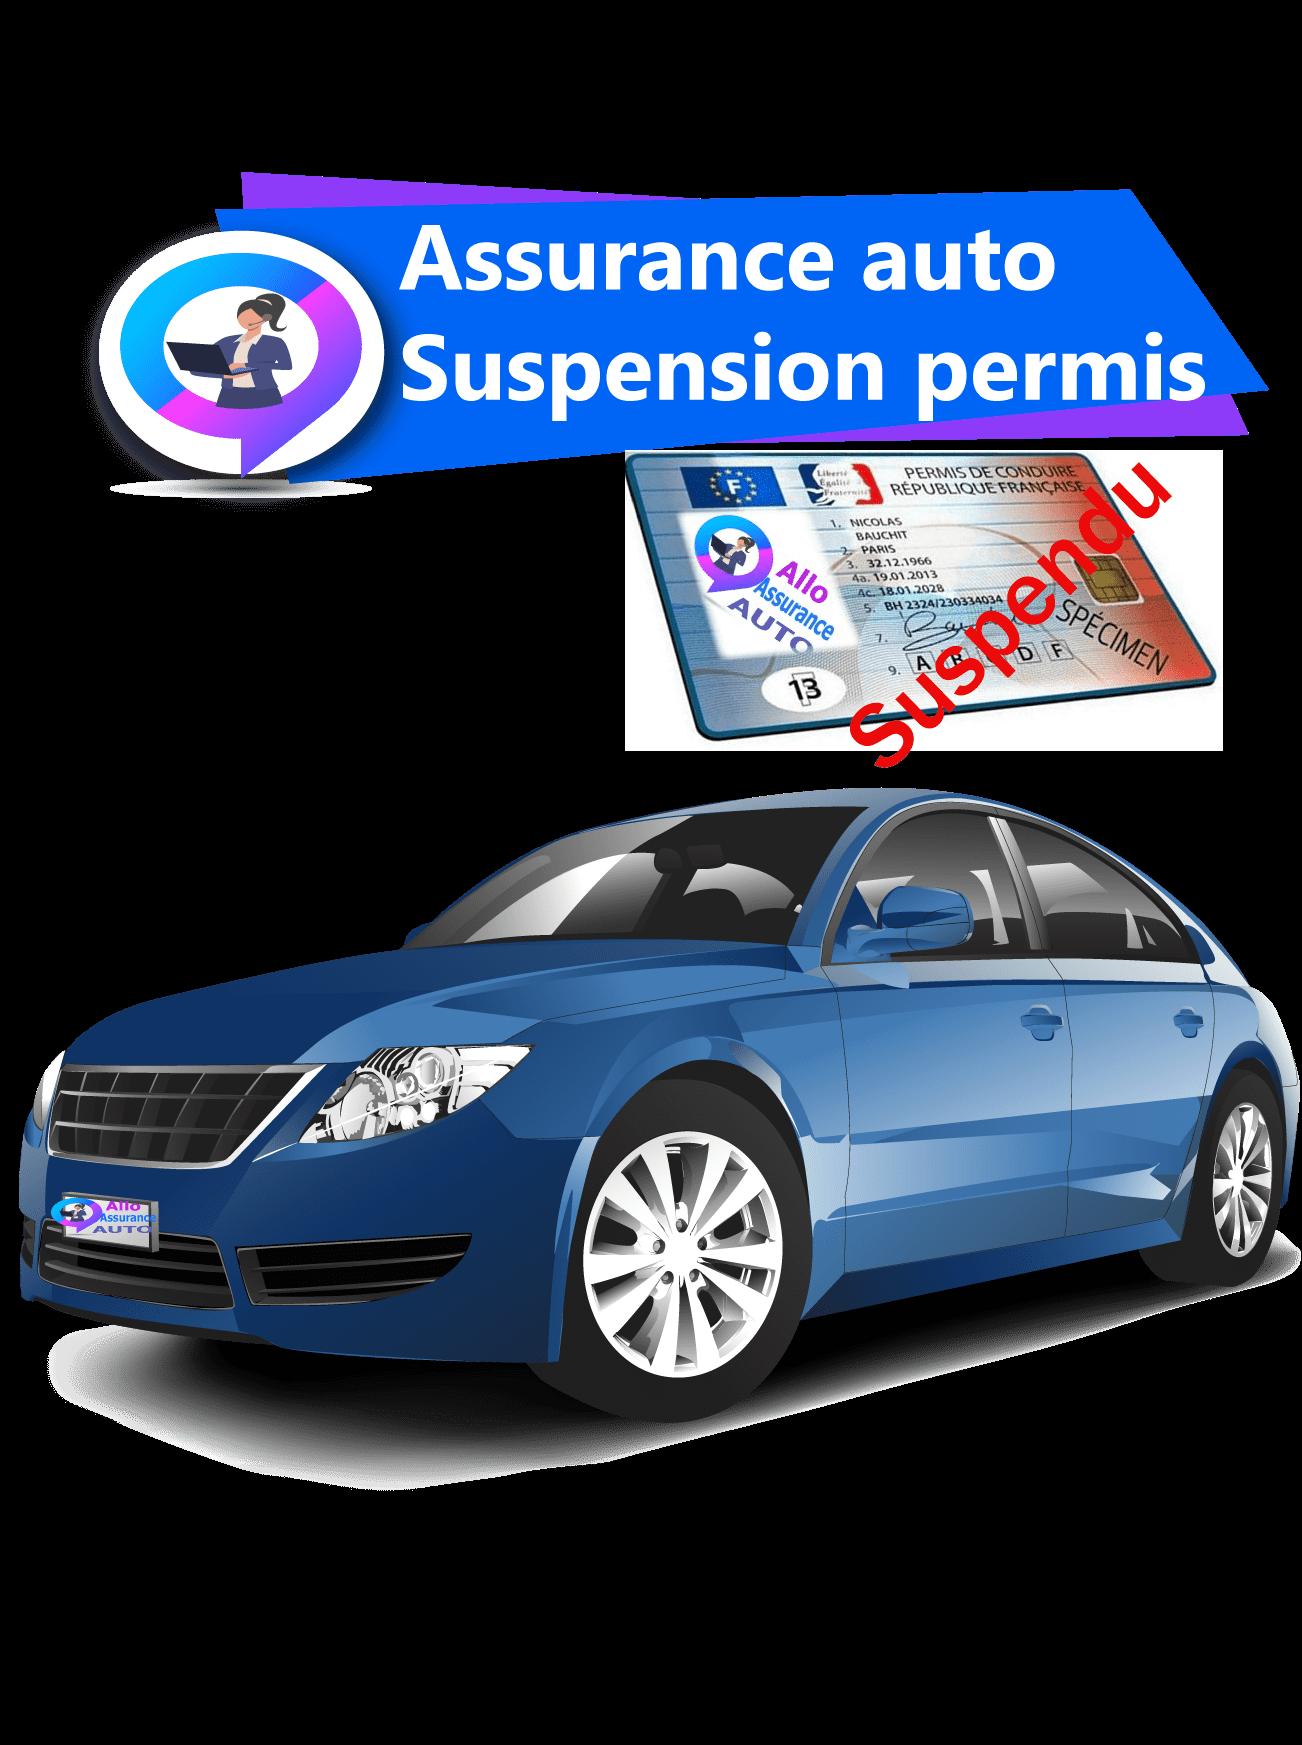 Assurance auto suspension permis